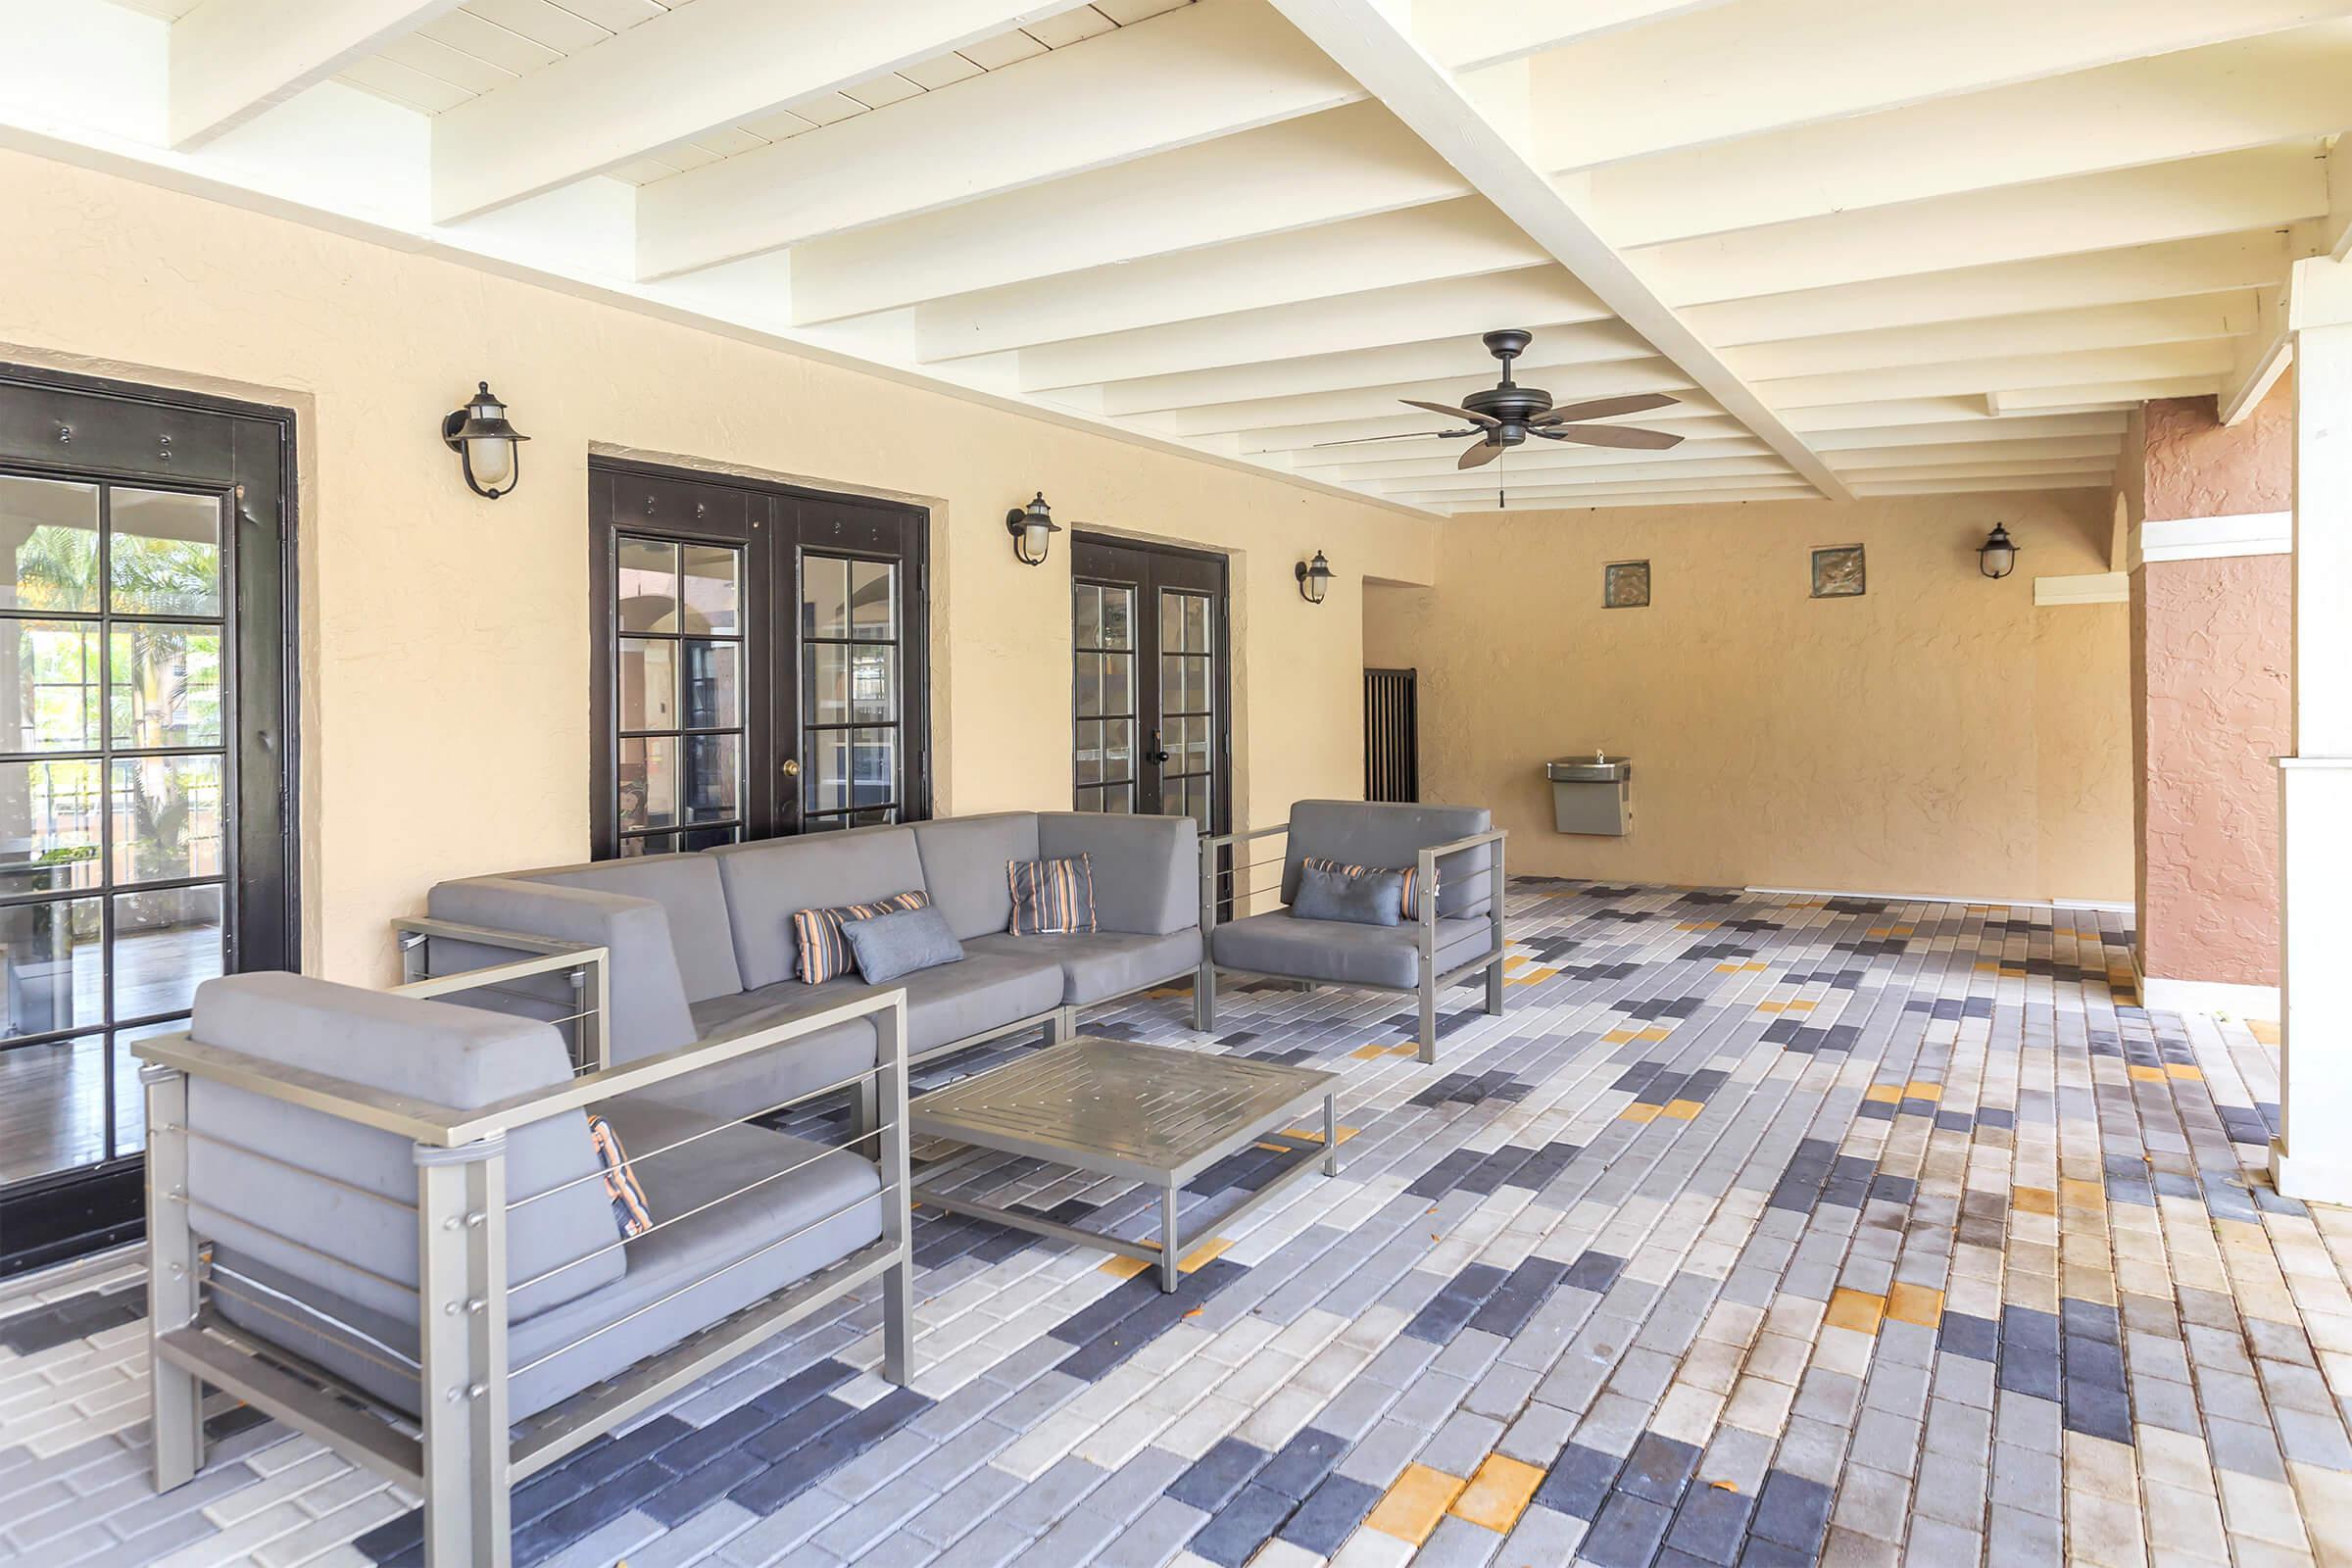 Outdoor Lounge at Latitude Pointe Apartments in Boynton Beach, Florida